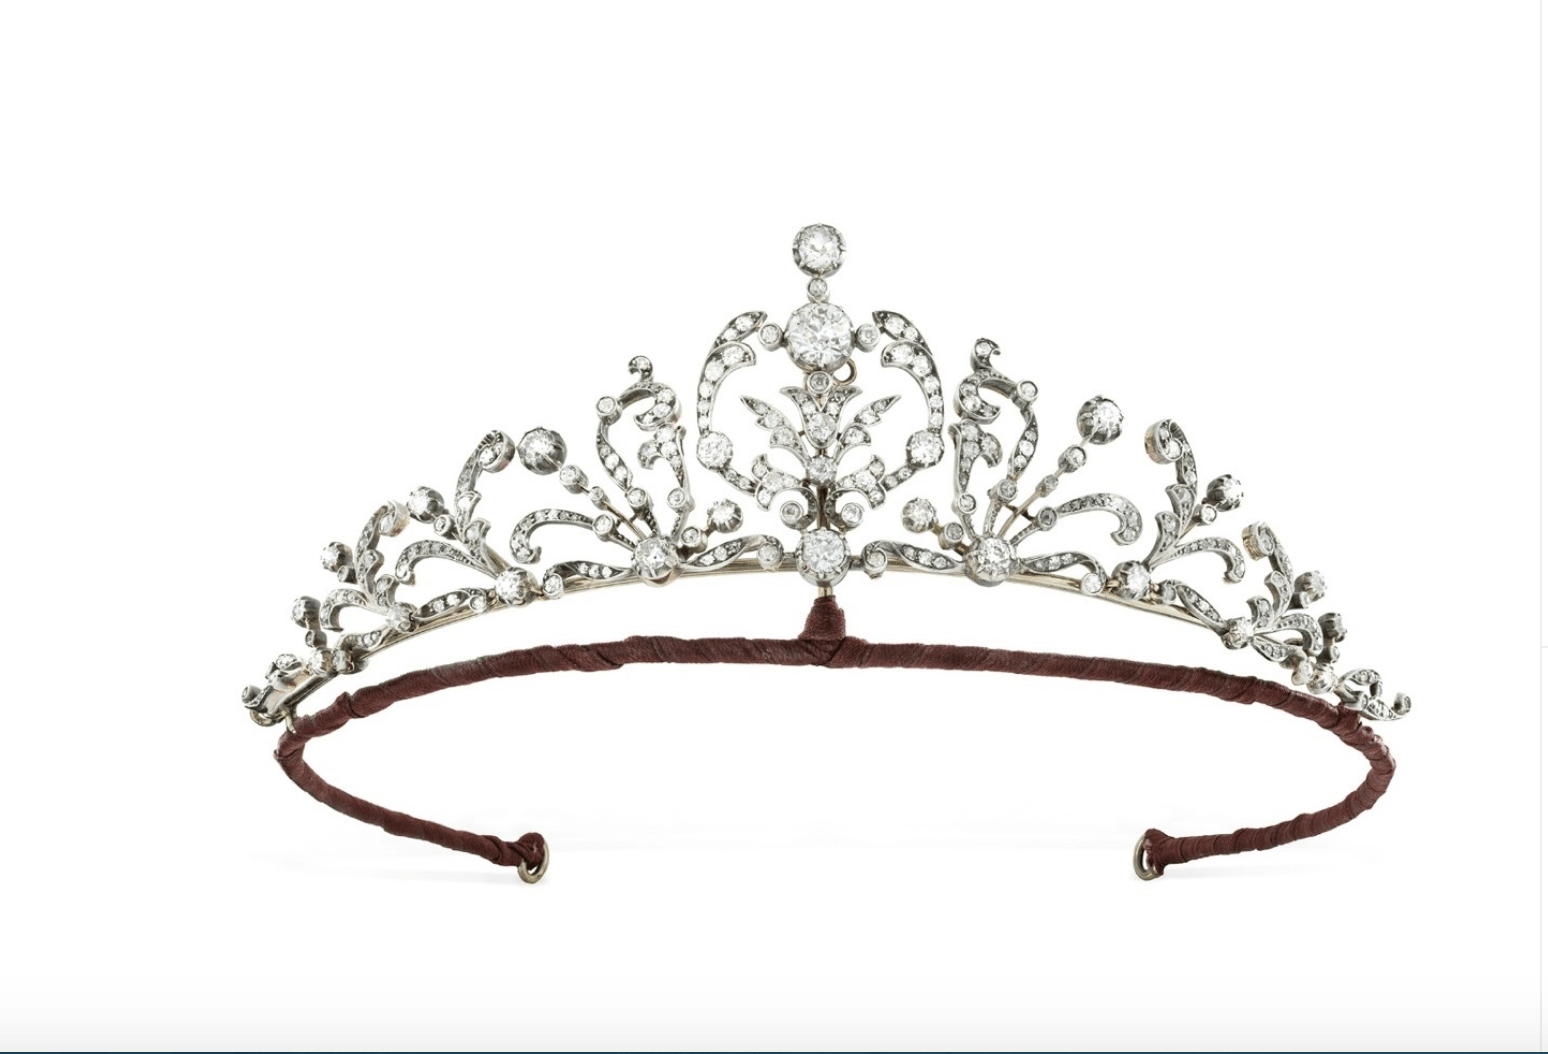 Victorian tiara set with old-cut diamonds in a scrolling, foliate design